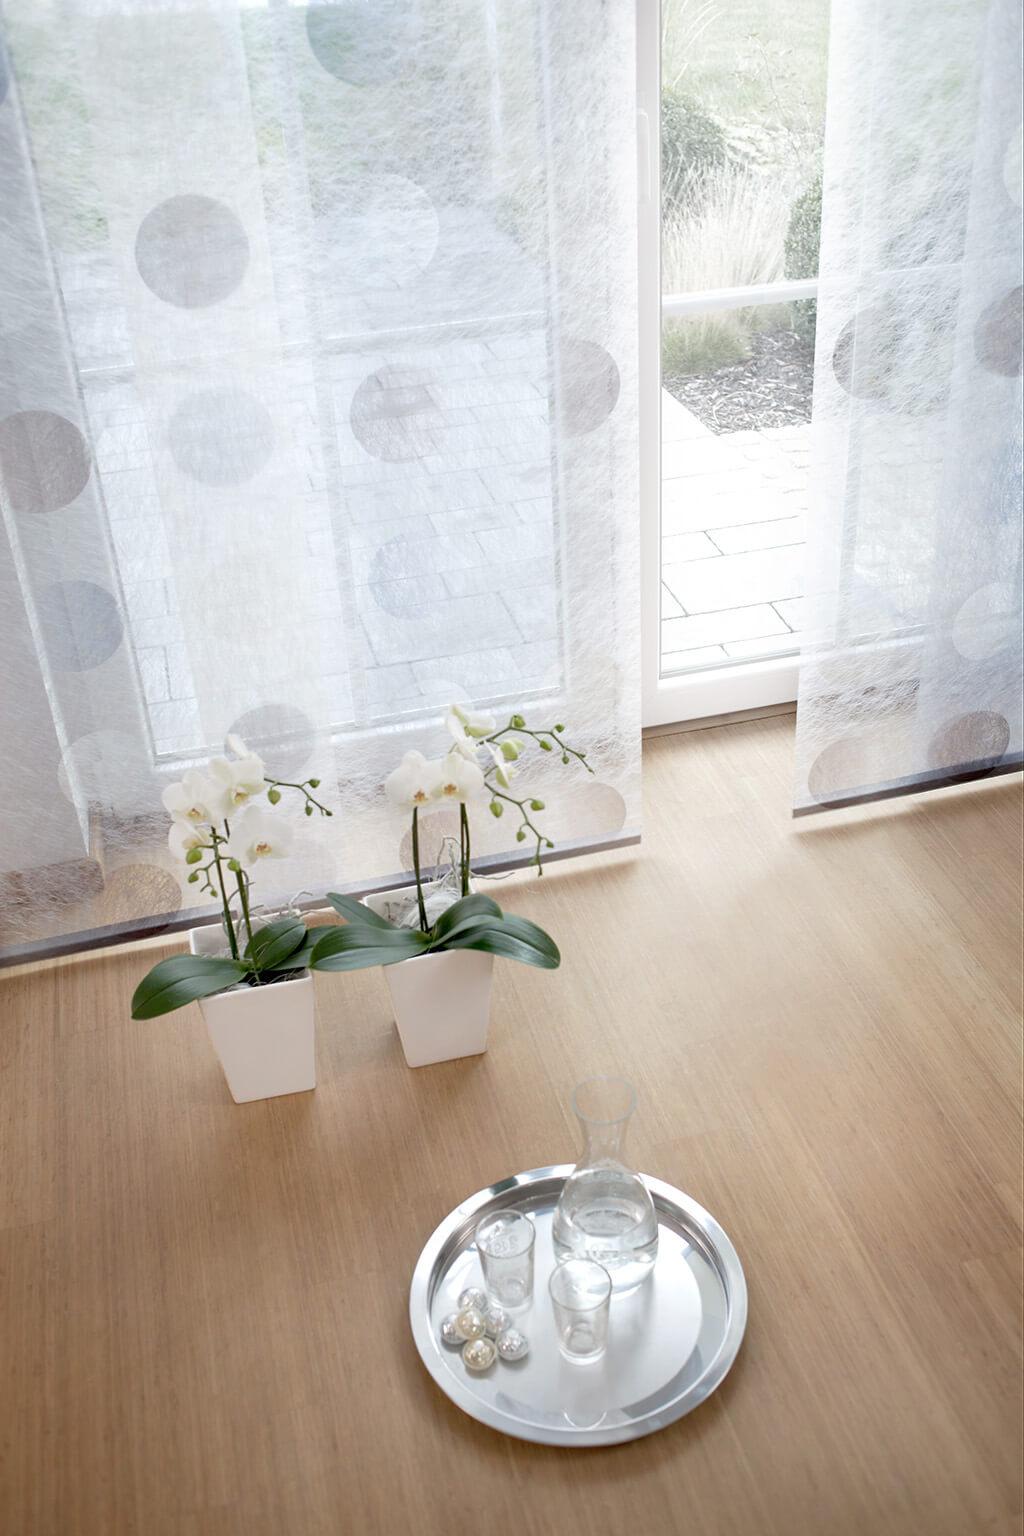 Transparente Dekorstoffe für stimungsvolle Flächenvorhänge